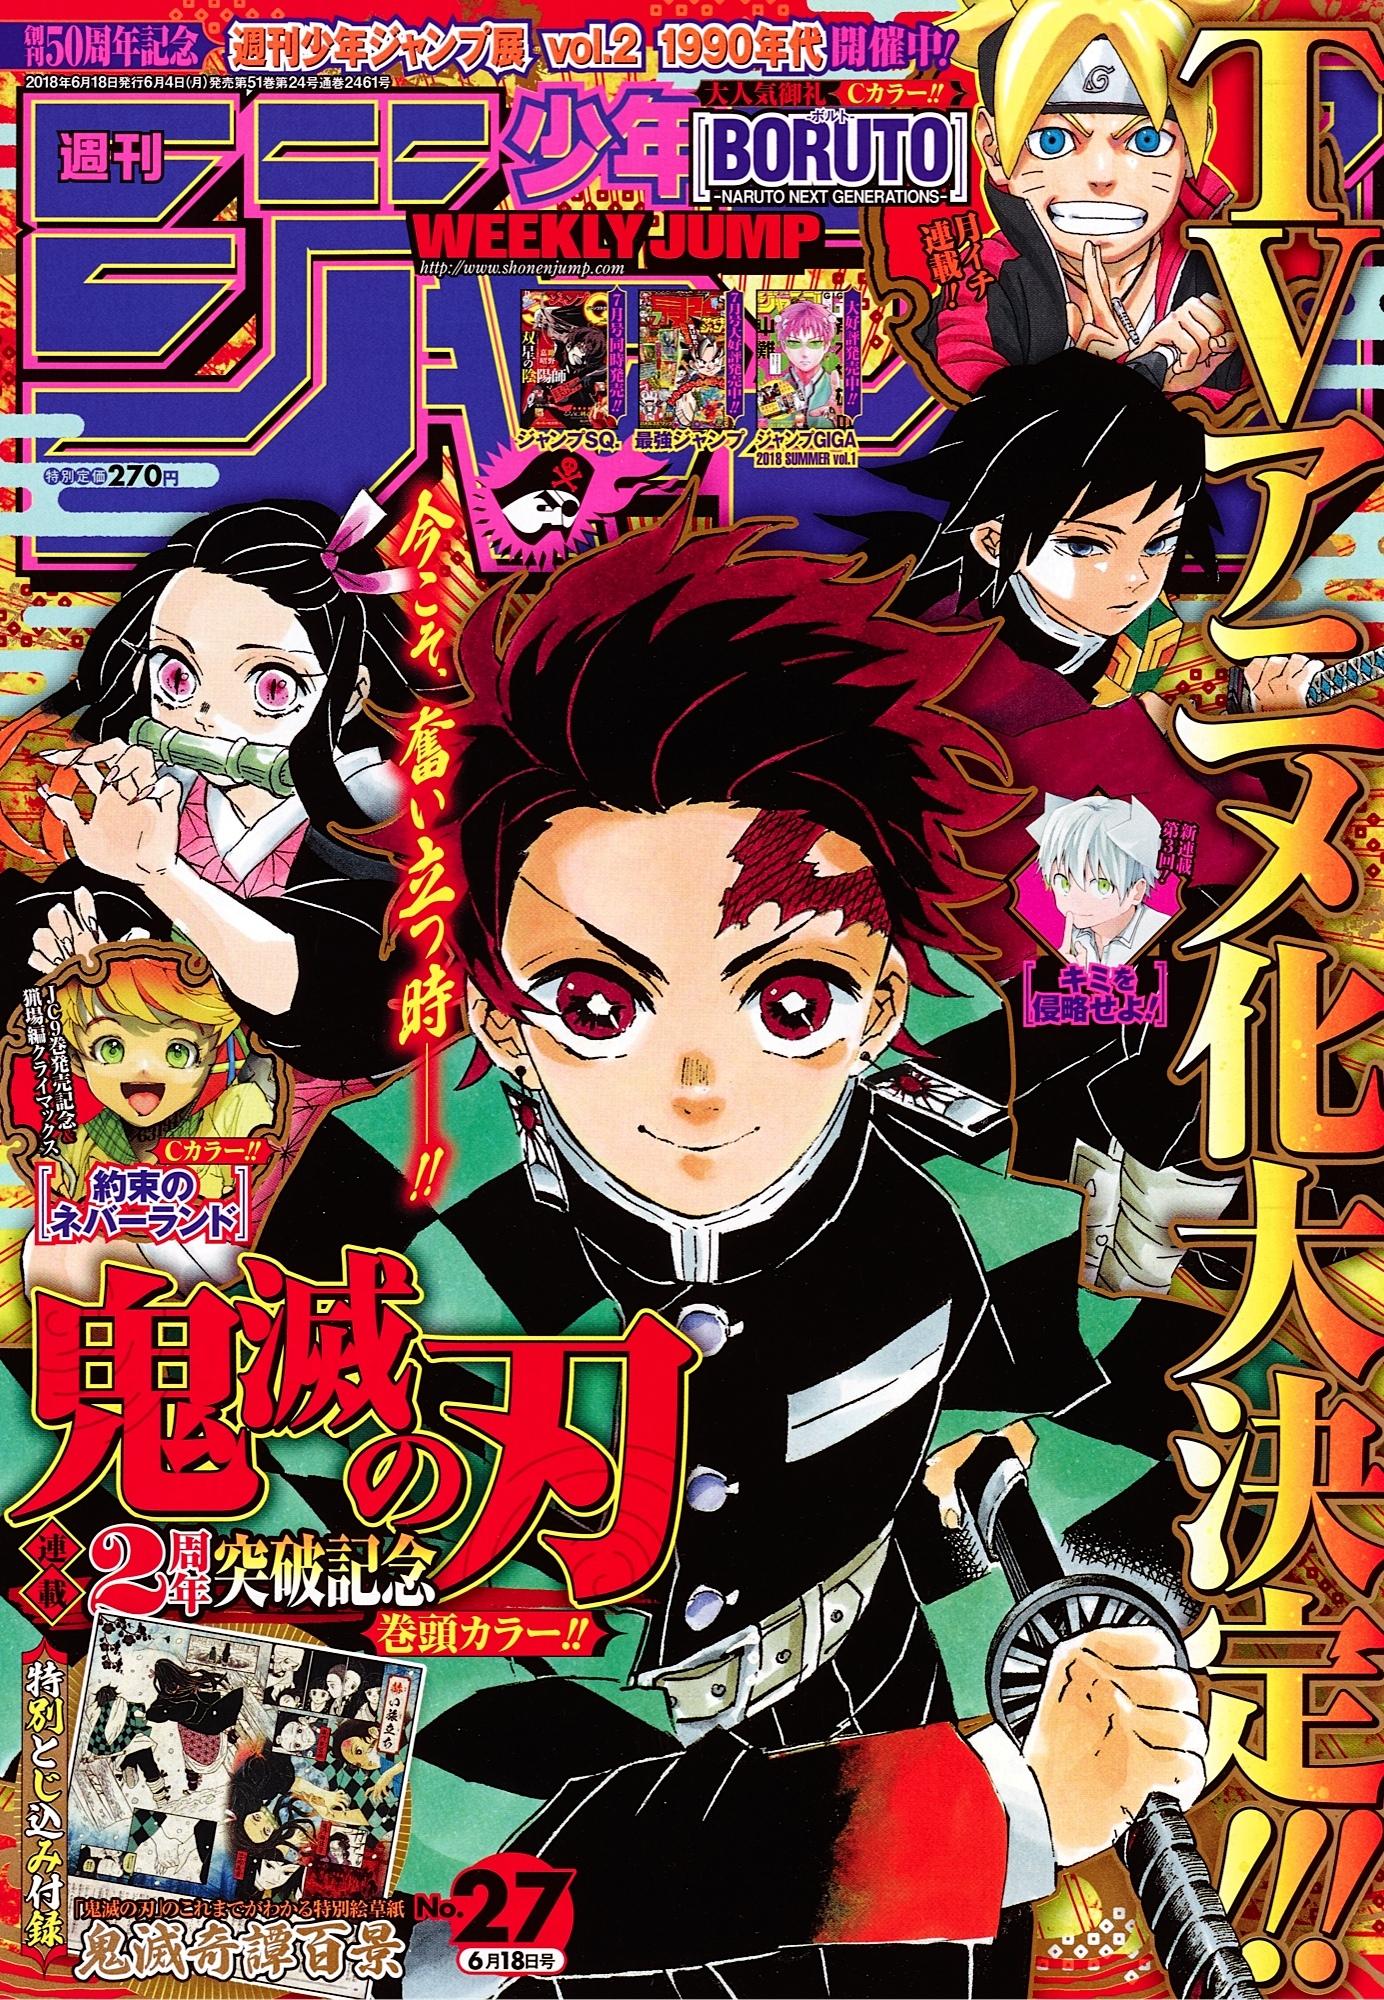 『鬼滅の刃』が表紙を飾る6月4日発売の『週刊少年ジャンプ』27号